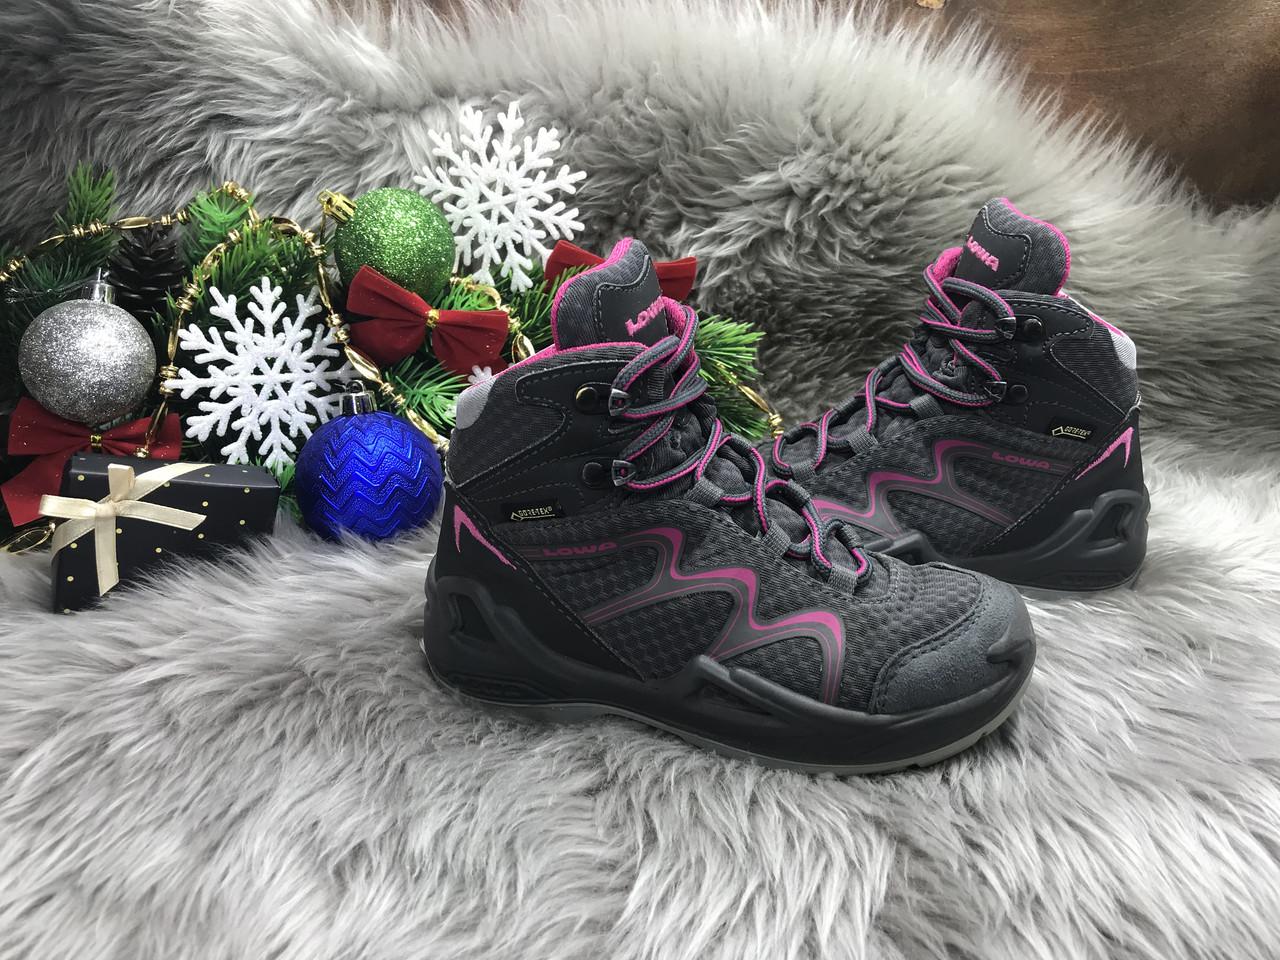 Ботинки Lowa Gore-Tex (28 размер) бу